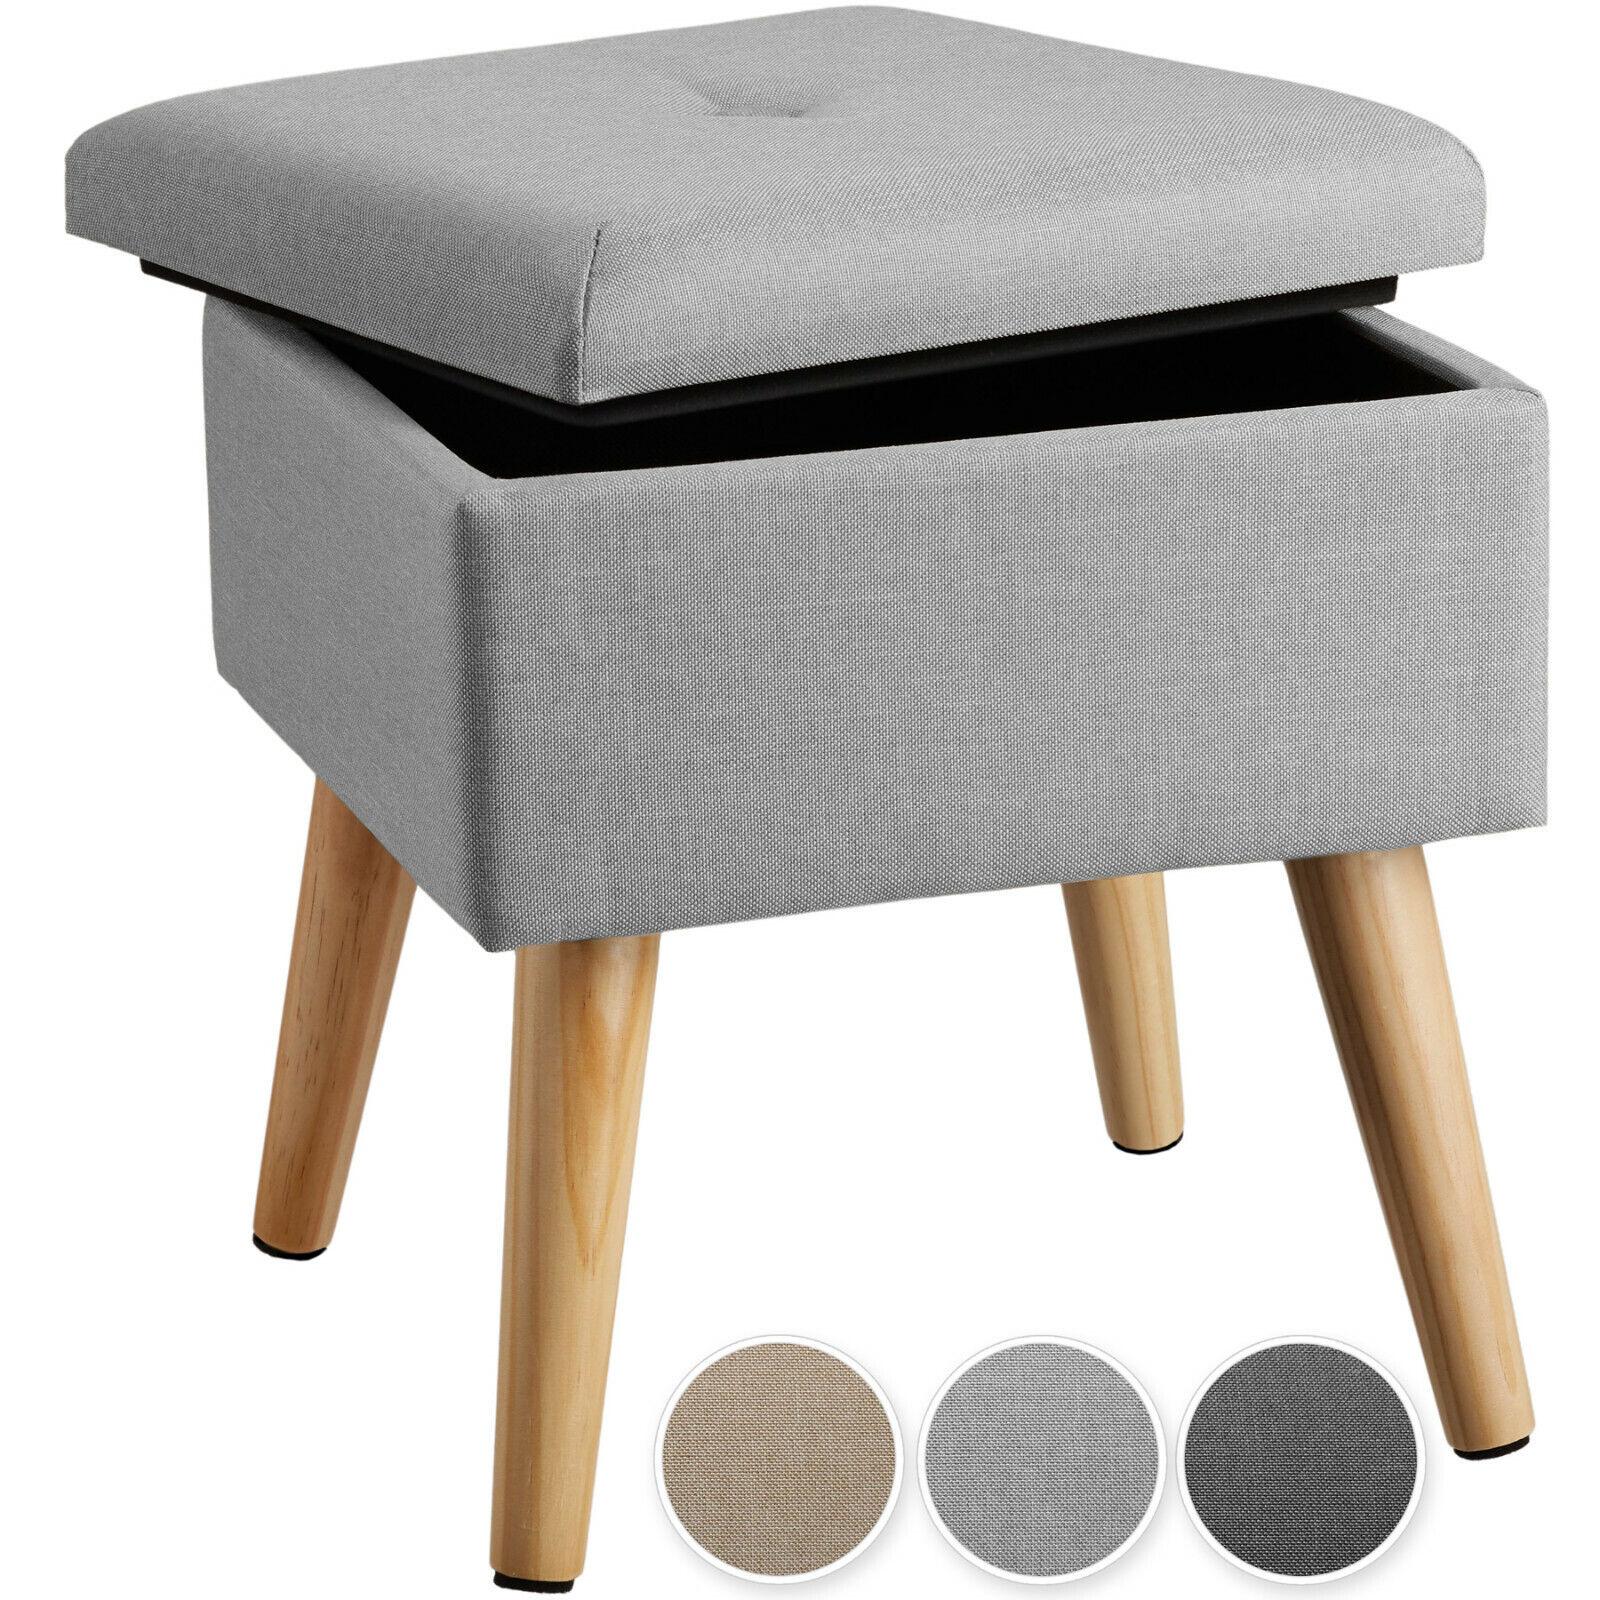 Sitzhocker mit Stauraum Polsterhocker Fußhocker Hocker Leinenoptik Holzbeine